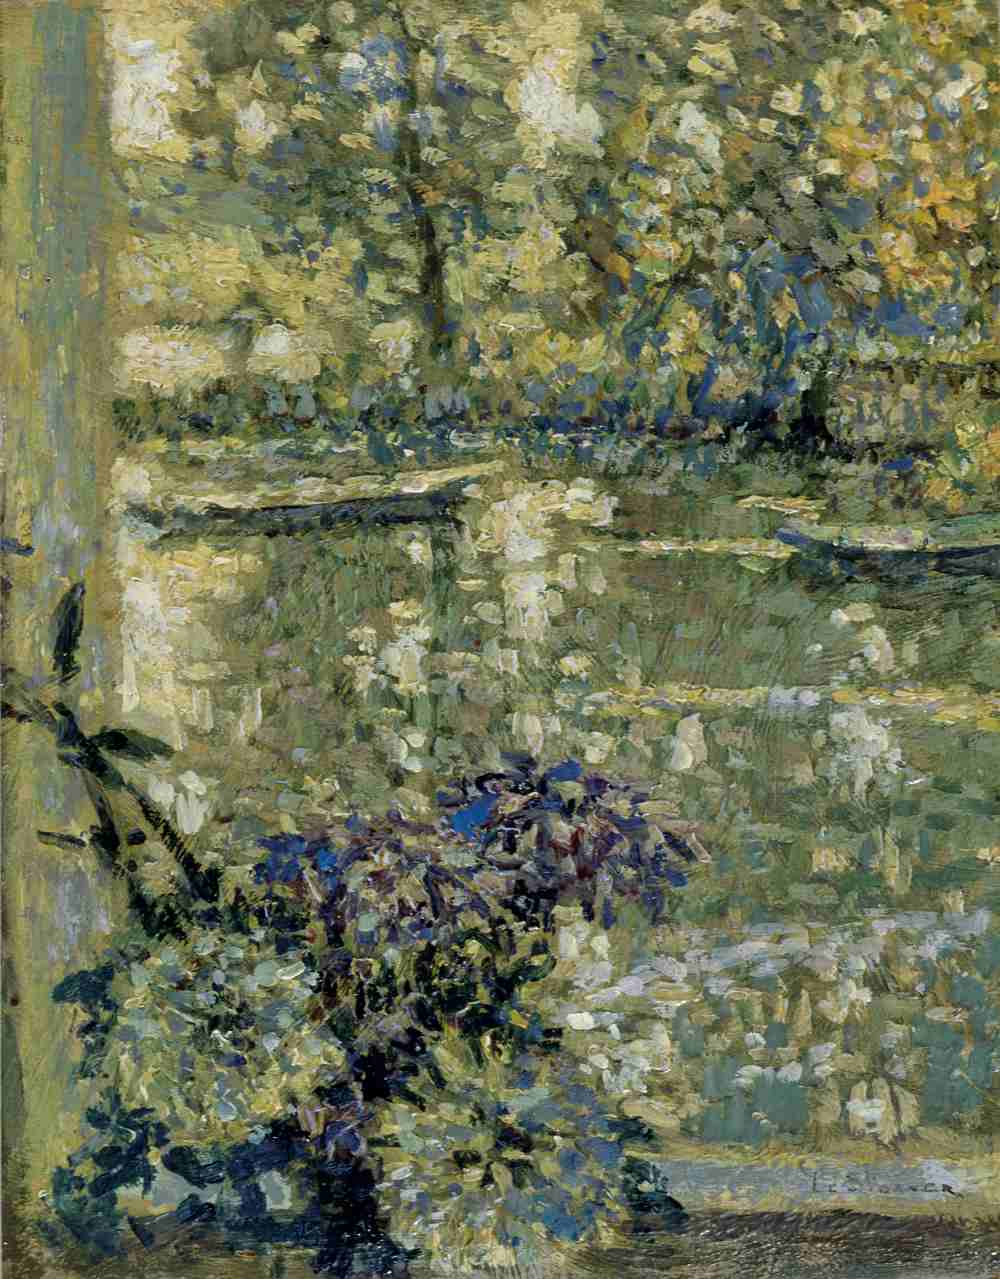 Fenêtre sur la rivière, Montreuil-Bellay, 1914